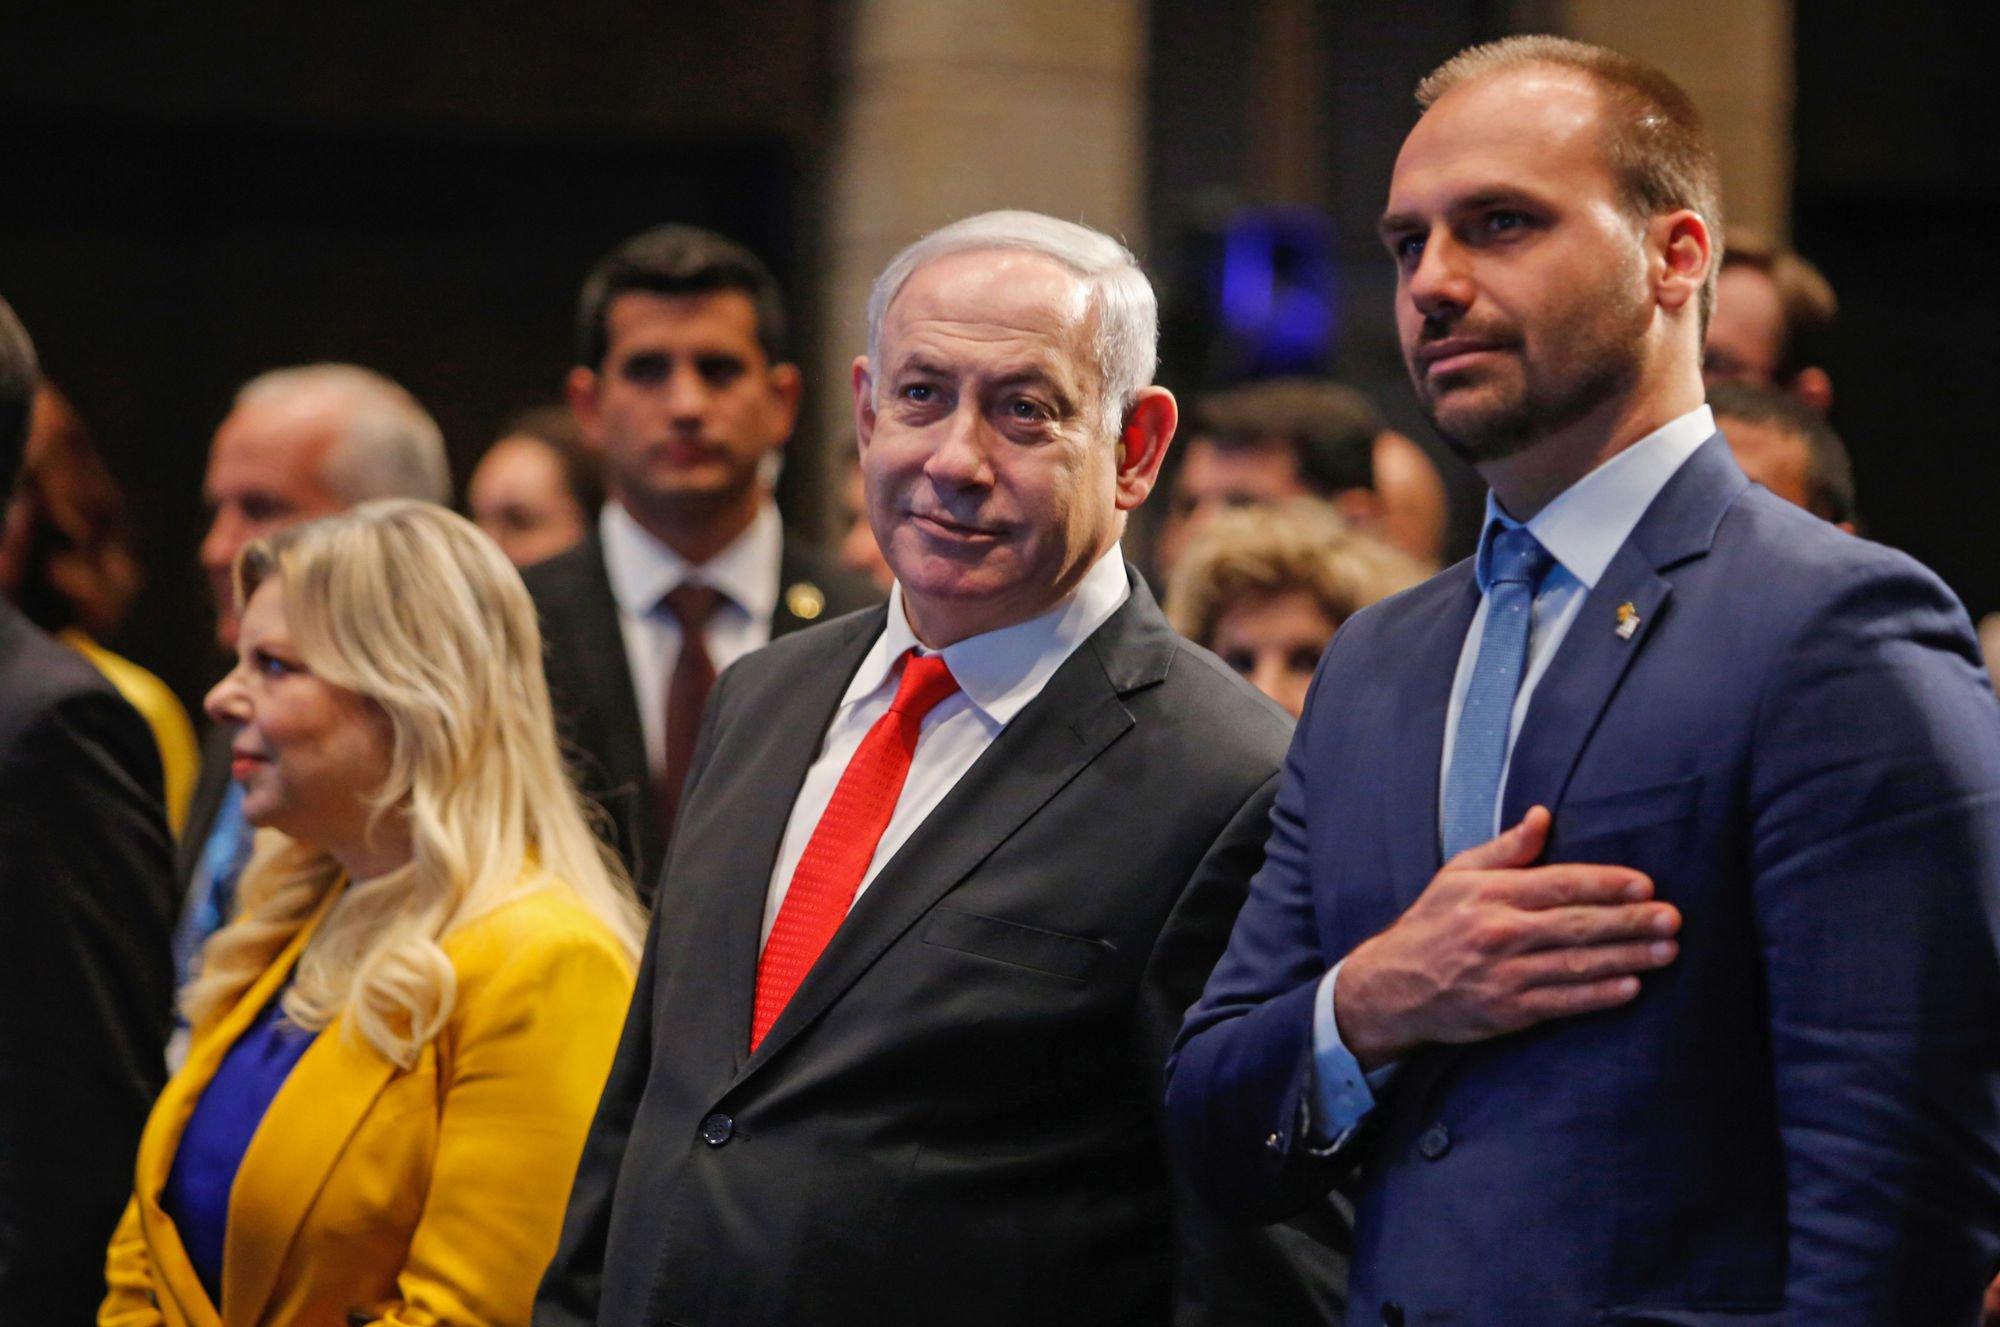 O primeiro-ministro de Israel, Benjamin Netanyahu, e o deputado federal Eduardo Bolsonaro durante a cerimônia de inauguração do escritório brasileiro em Jerusalém.